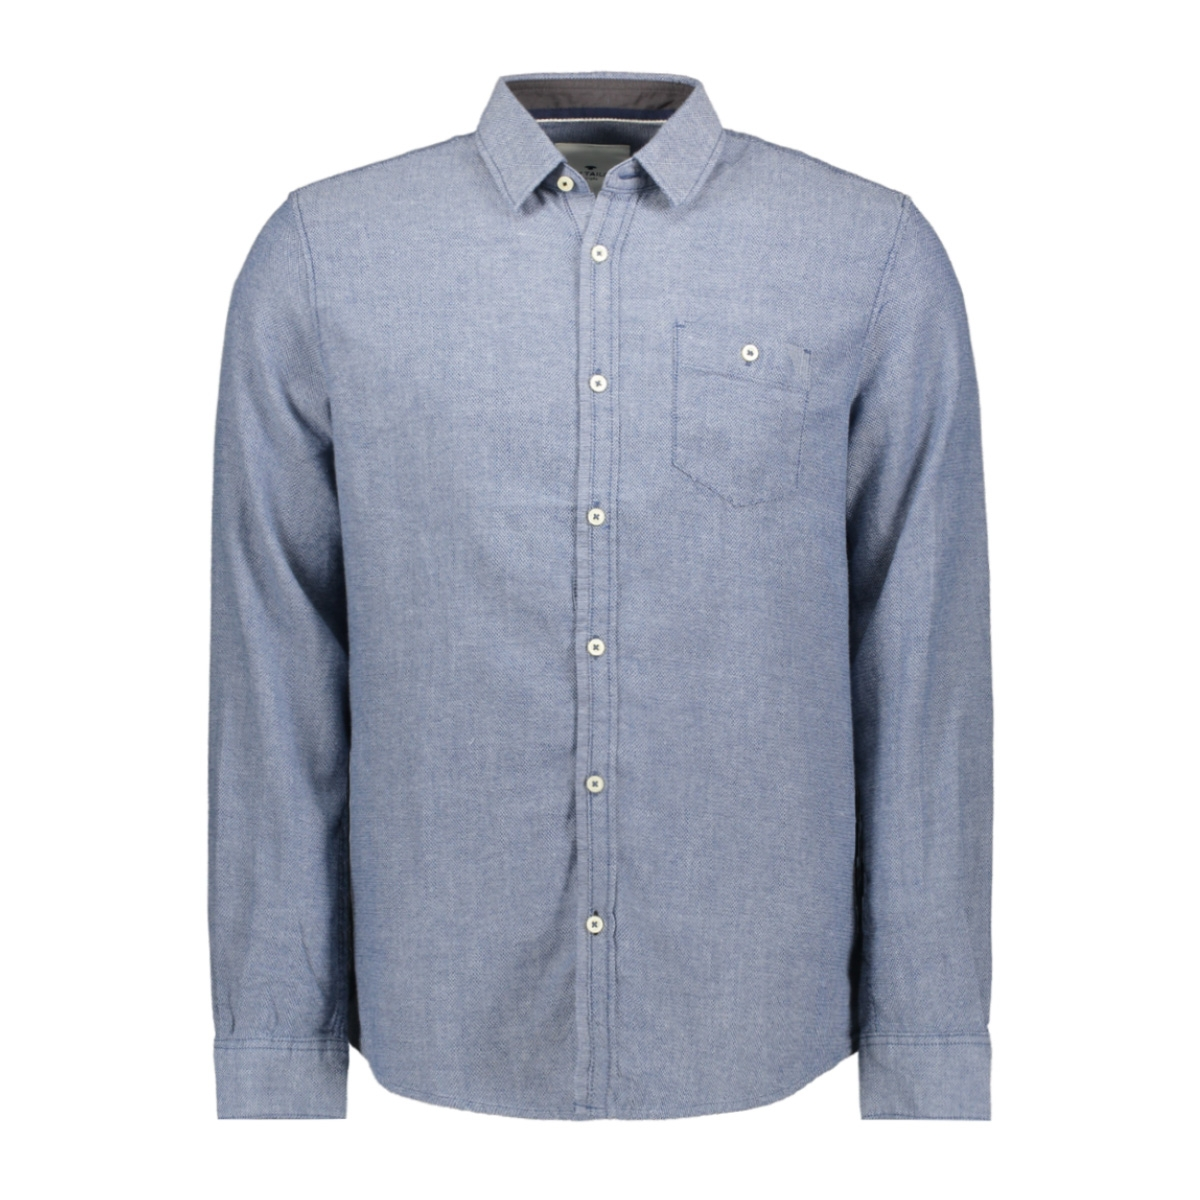 overhemd met borstzak 1015319xx10 tom tailor overhemd 20770